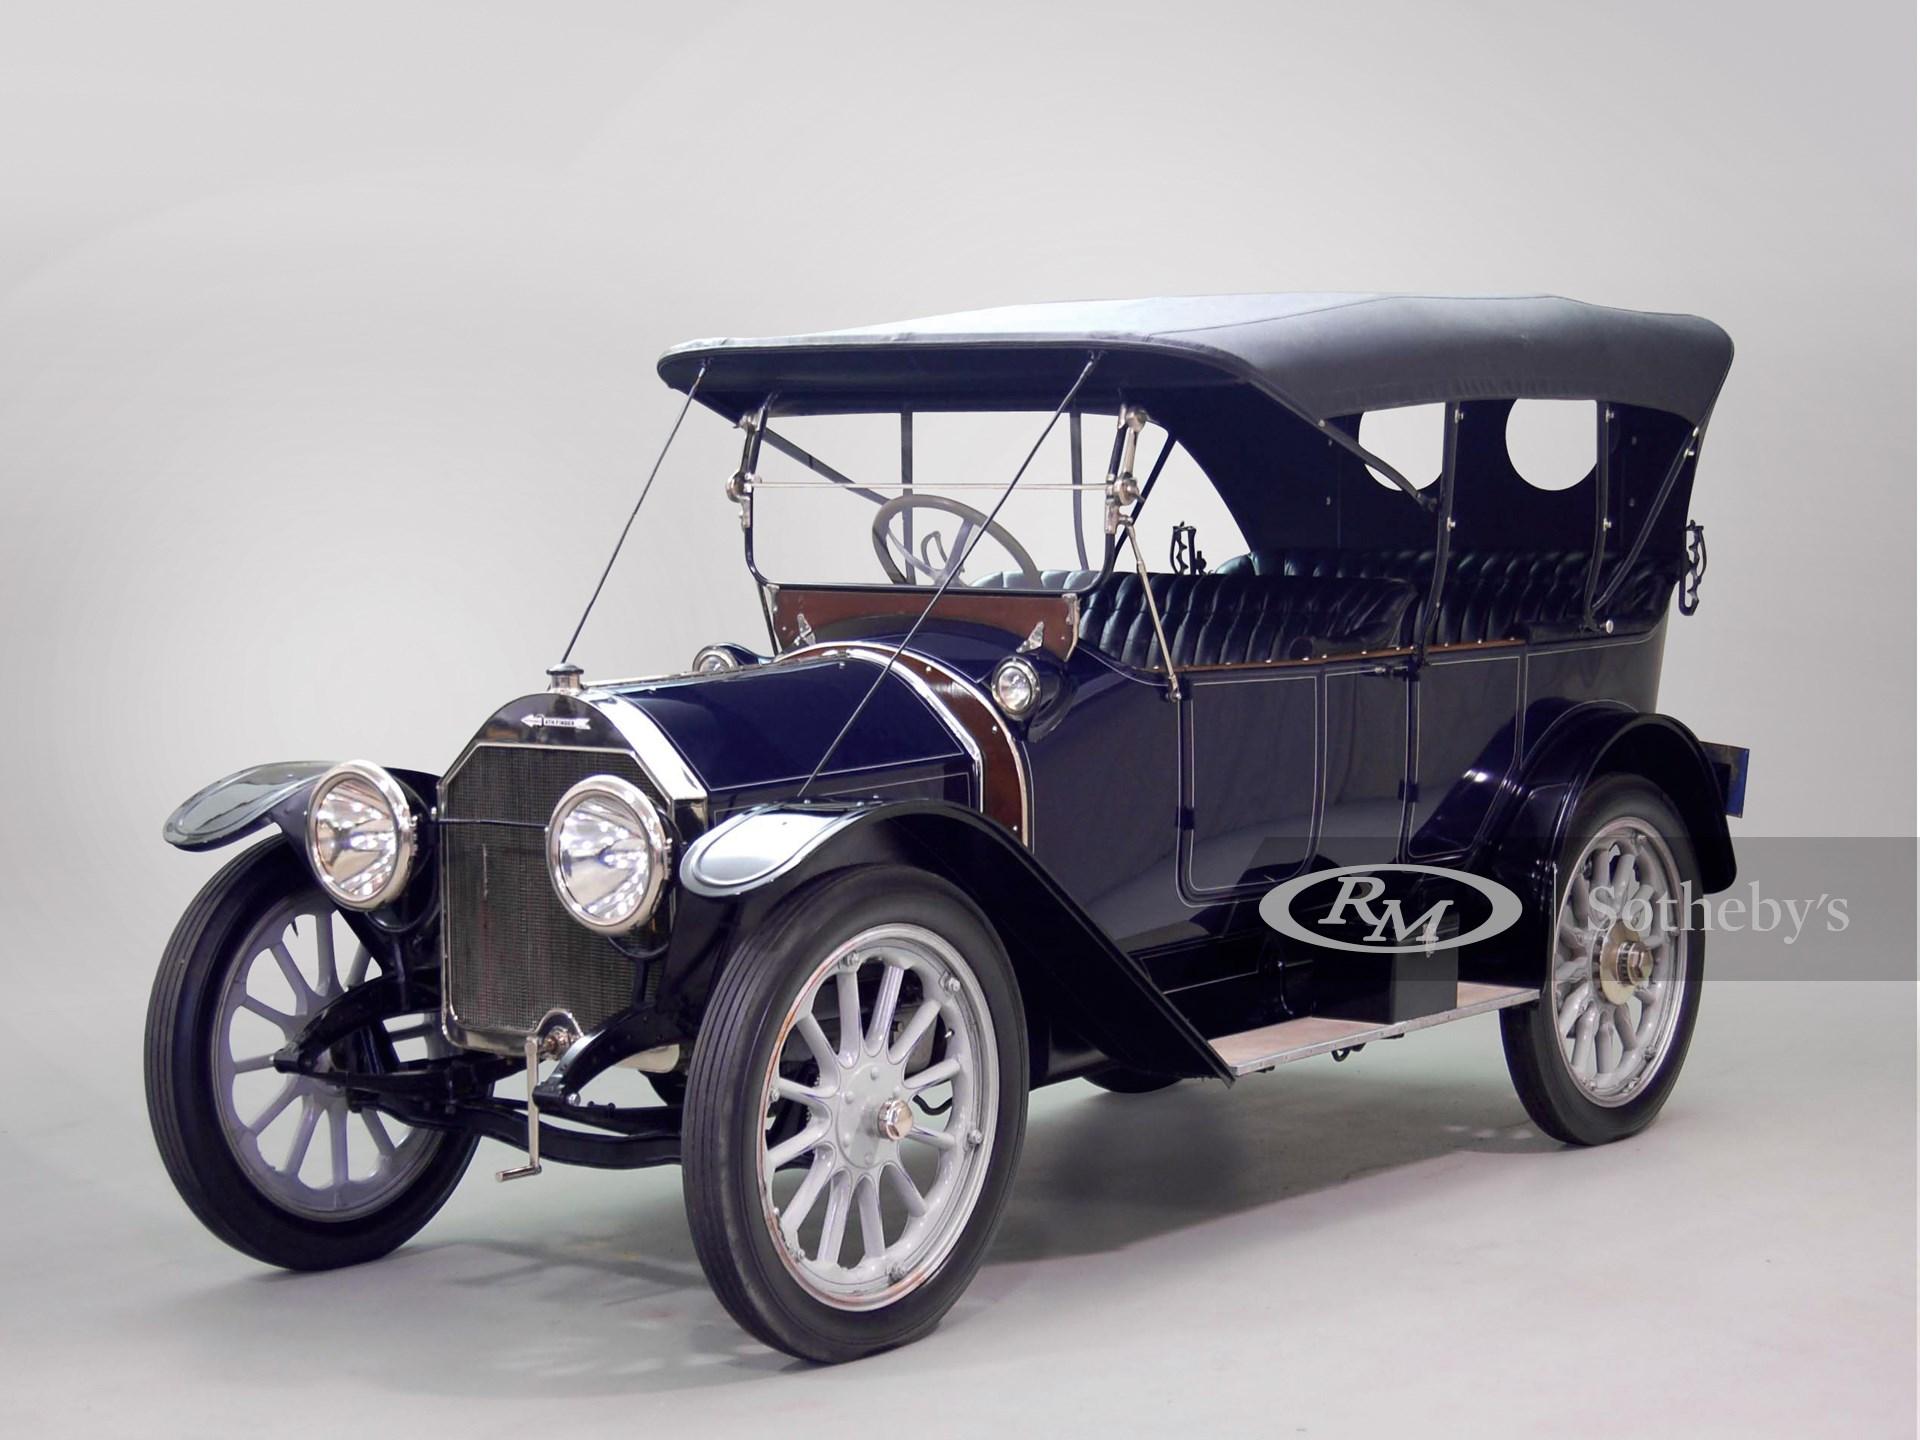 1913 Pathfinder Five-Passenger Touring Car